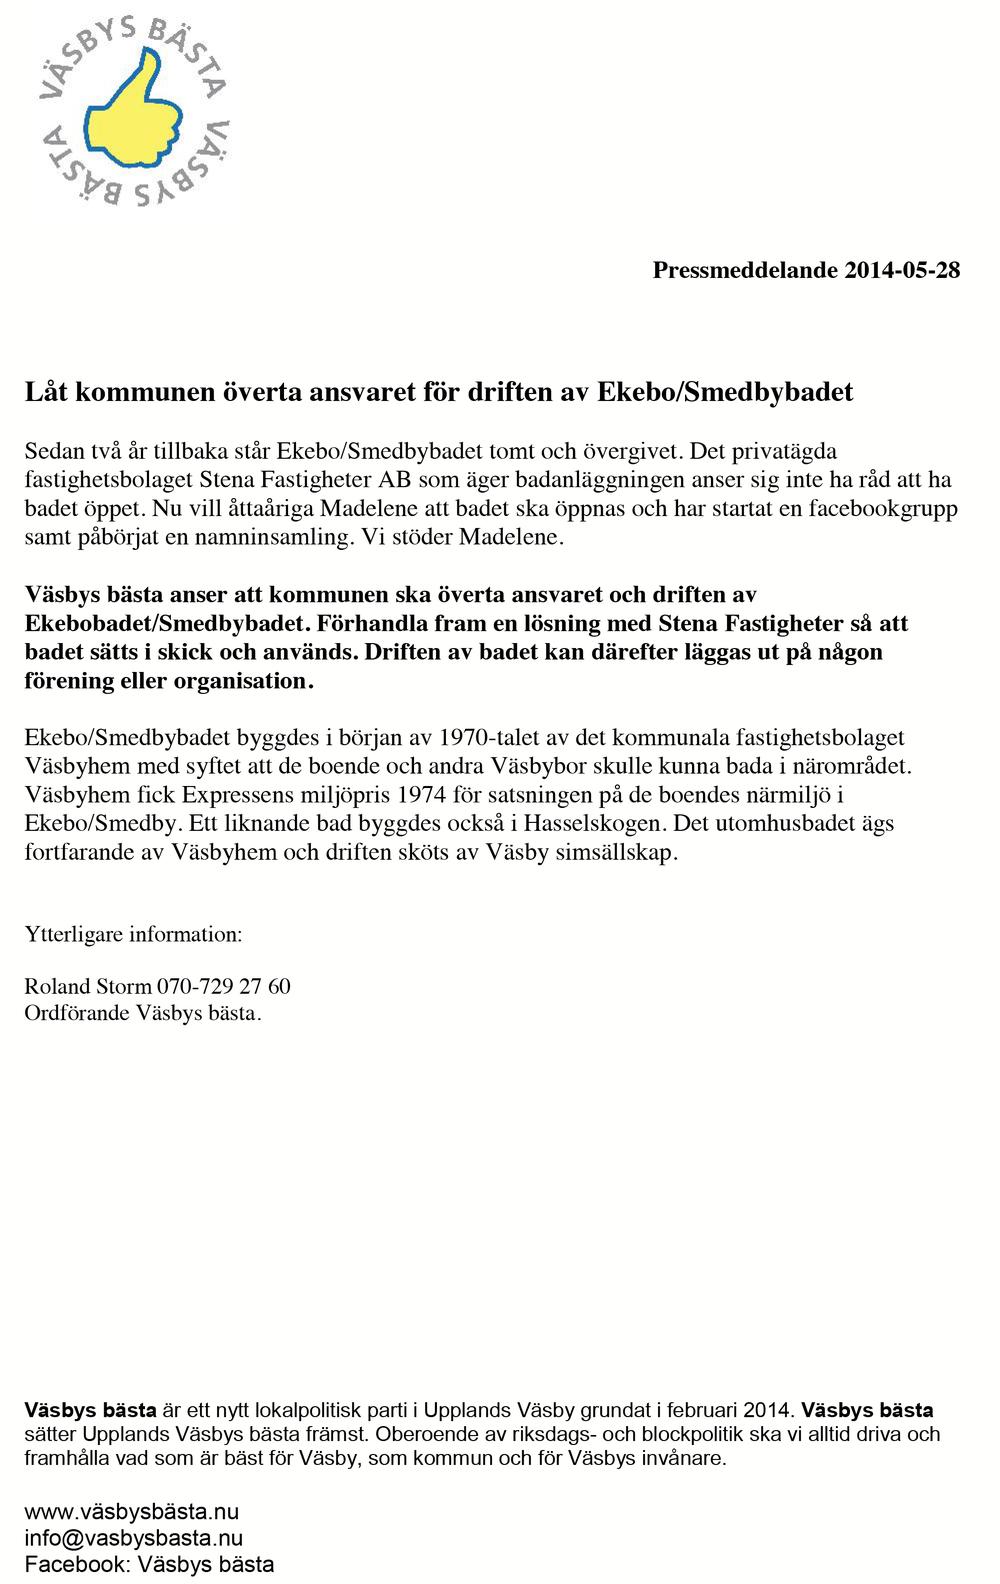 2014-05-28 Pressmeddelande Ekebo-Smedbybadet kopiera.png